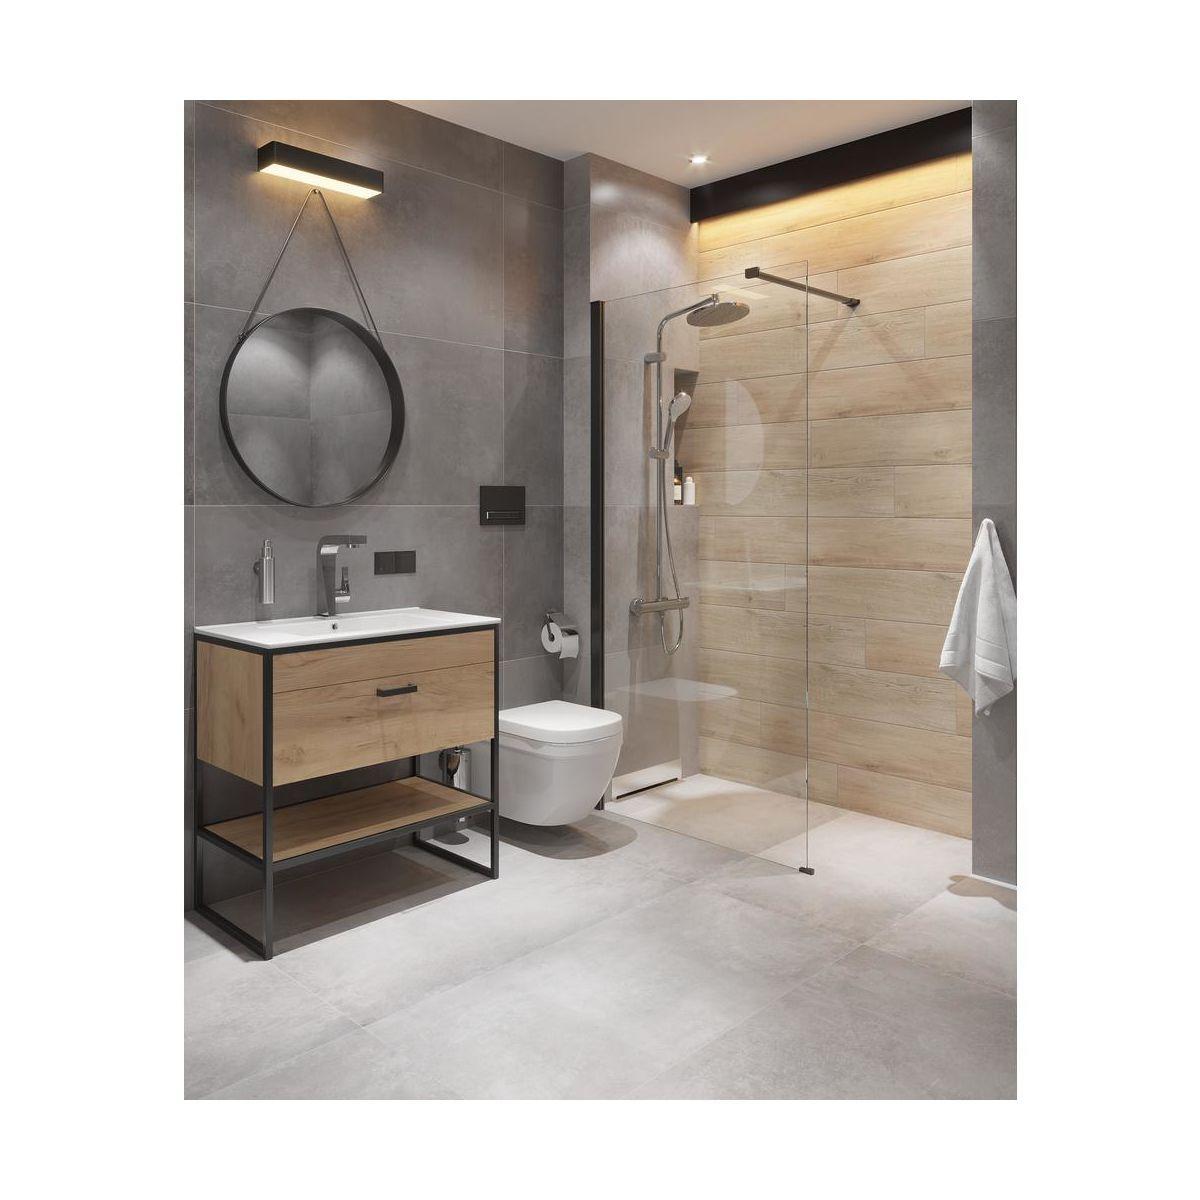 Szafka Pod Umywalke Brooklyn 80 Comad Szafki Pod Umywalki W Atrakcyjnej Cenie W Sklepach Leroy Merlin Small Bathroom Round Mirror Bathroom Bathroom Mirror